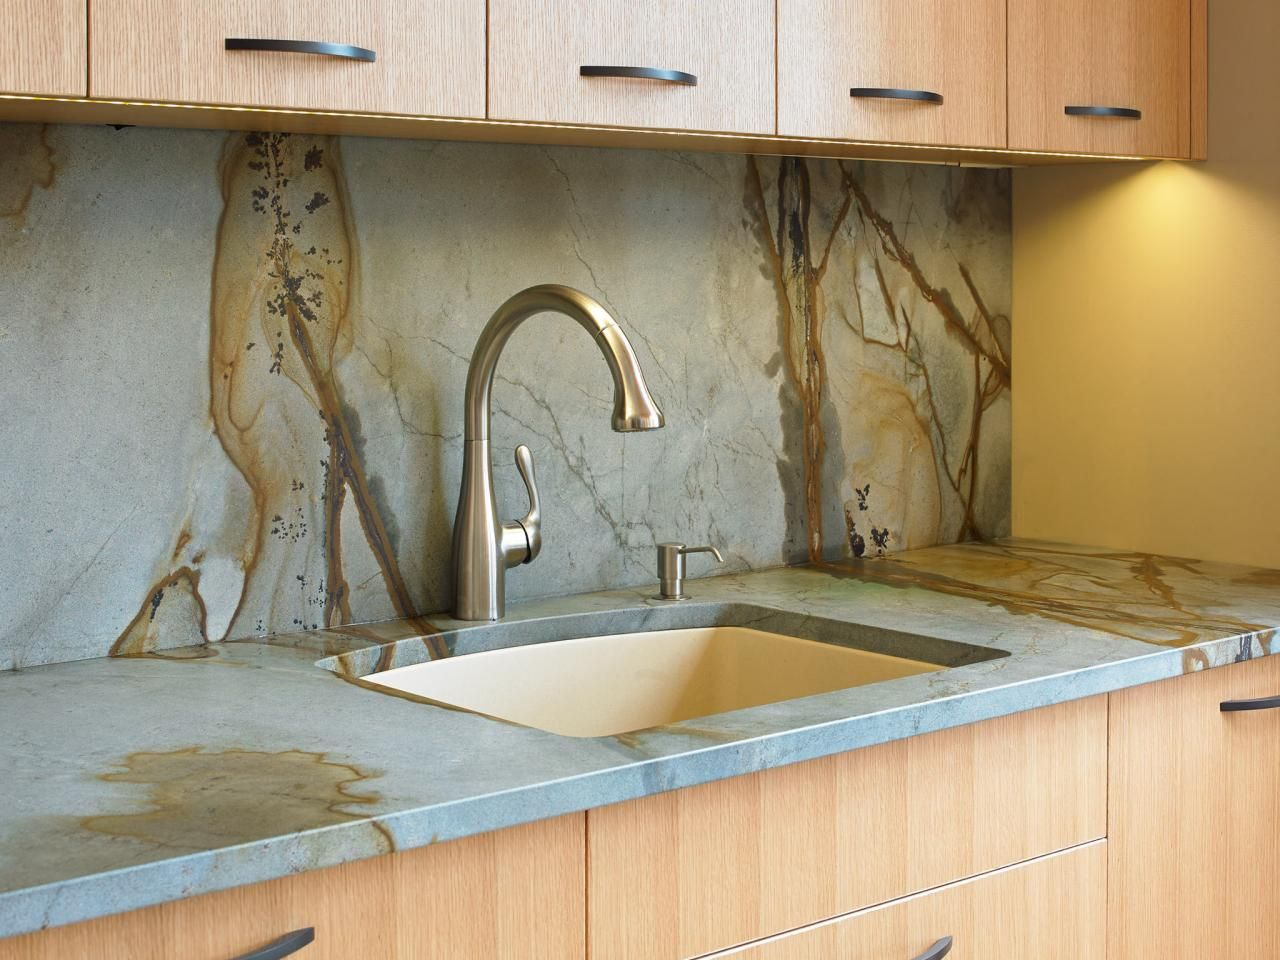 Backsplash Ideas For Granite Countertops Hgtv Pictures Modern Kitchen Backsplash Granite Countertops Kitchen Kitchen Countertops Granite Backsplash